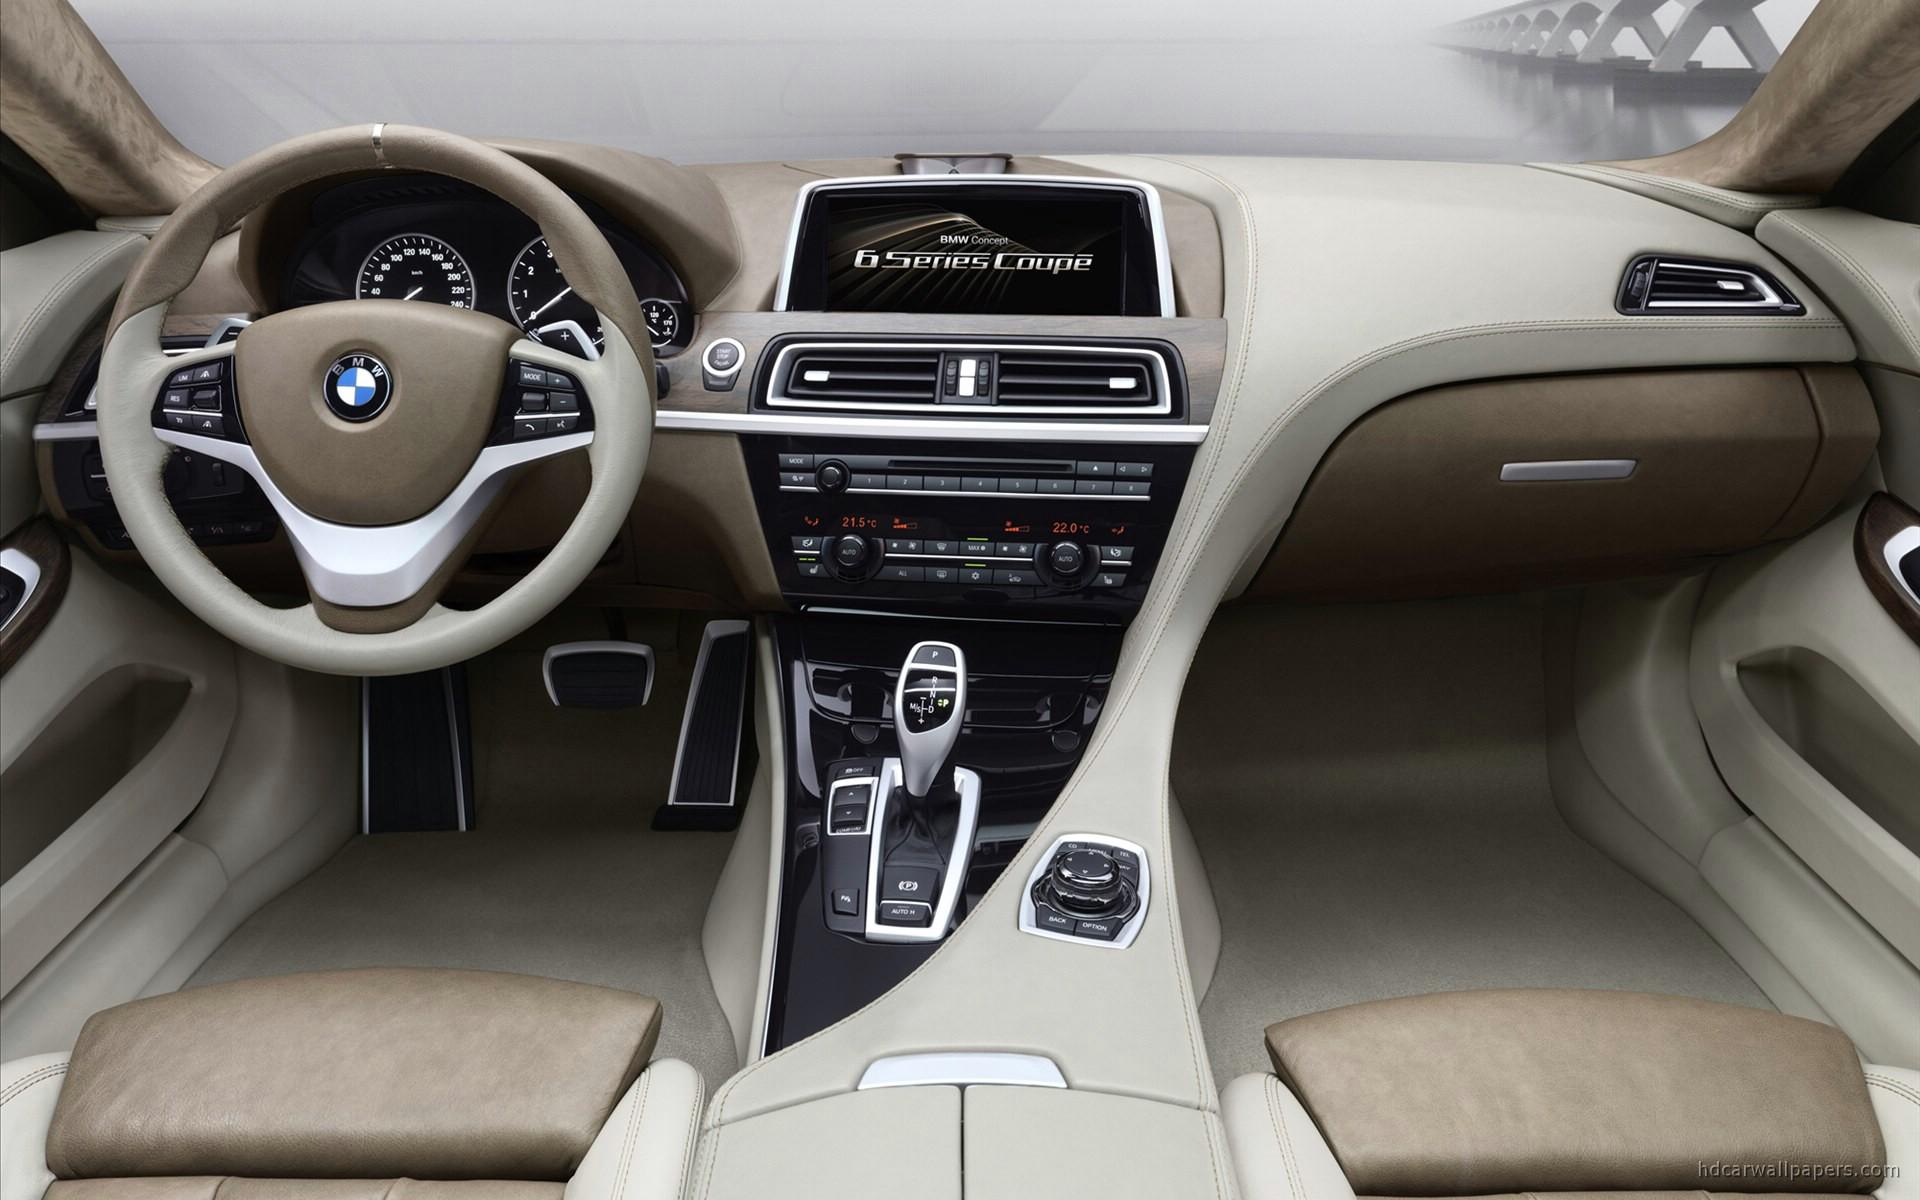 2010 BMW 6 Series Concept Interior Wallpaper | HD Car ...